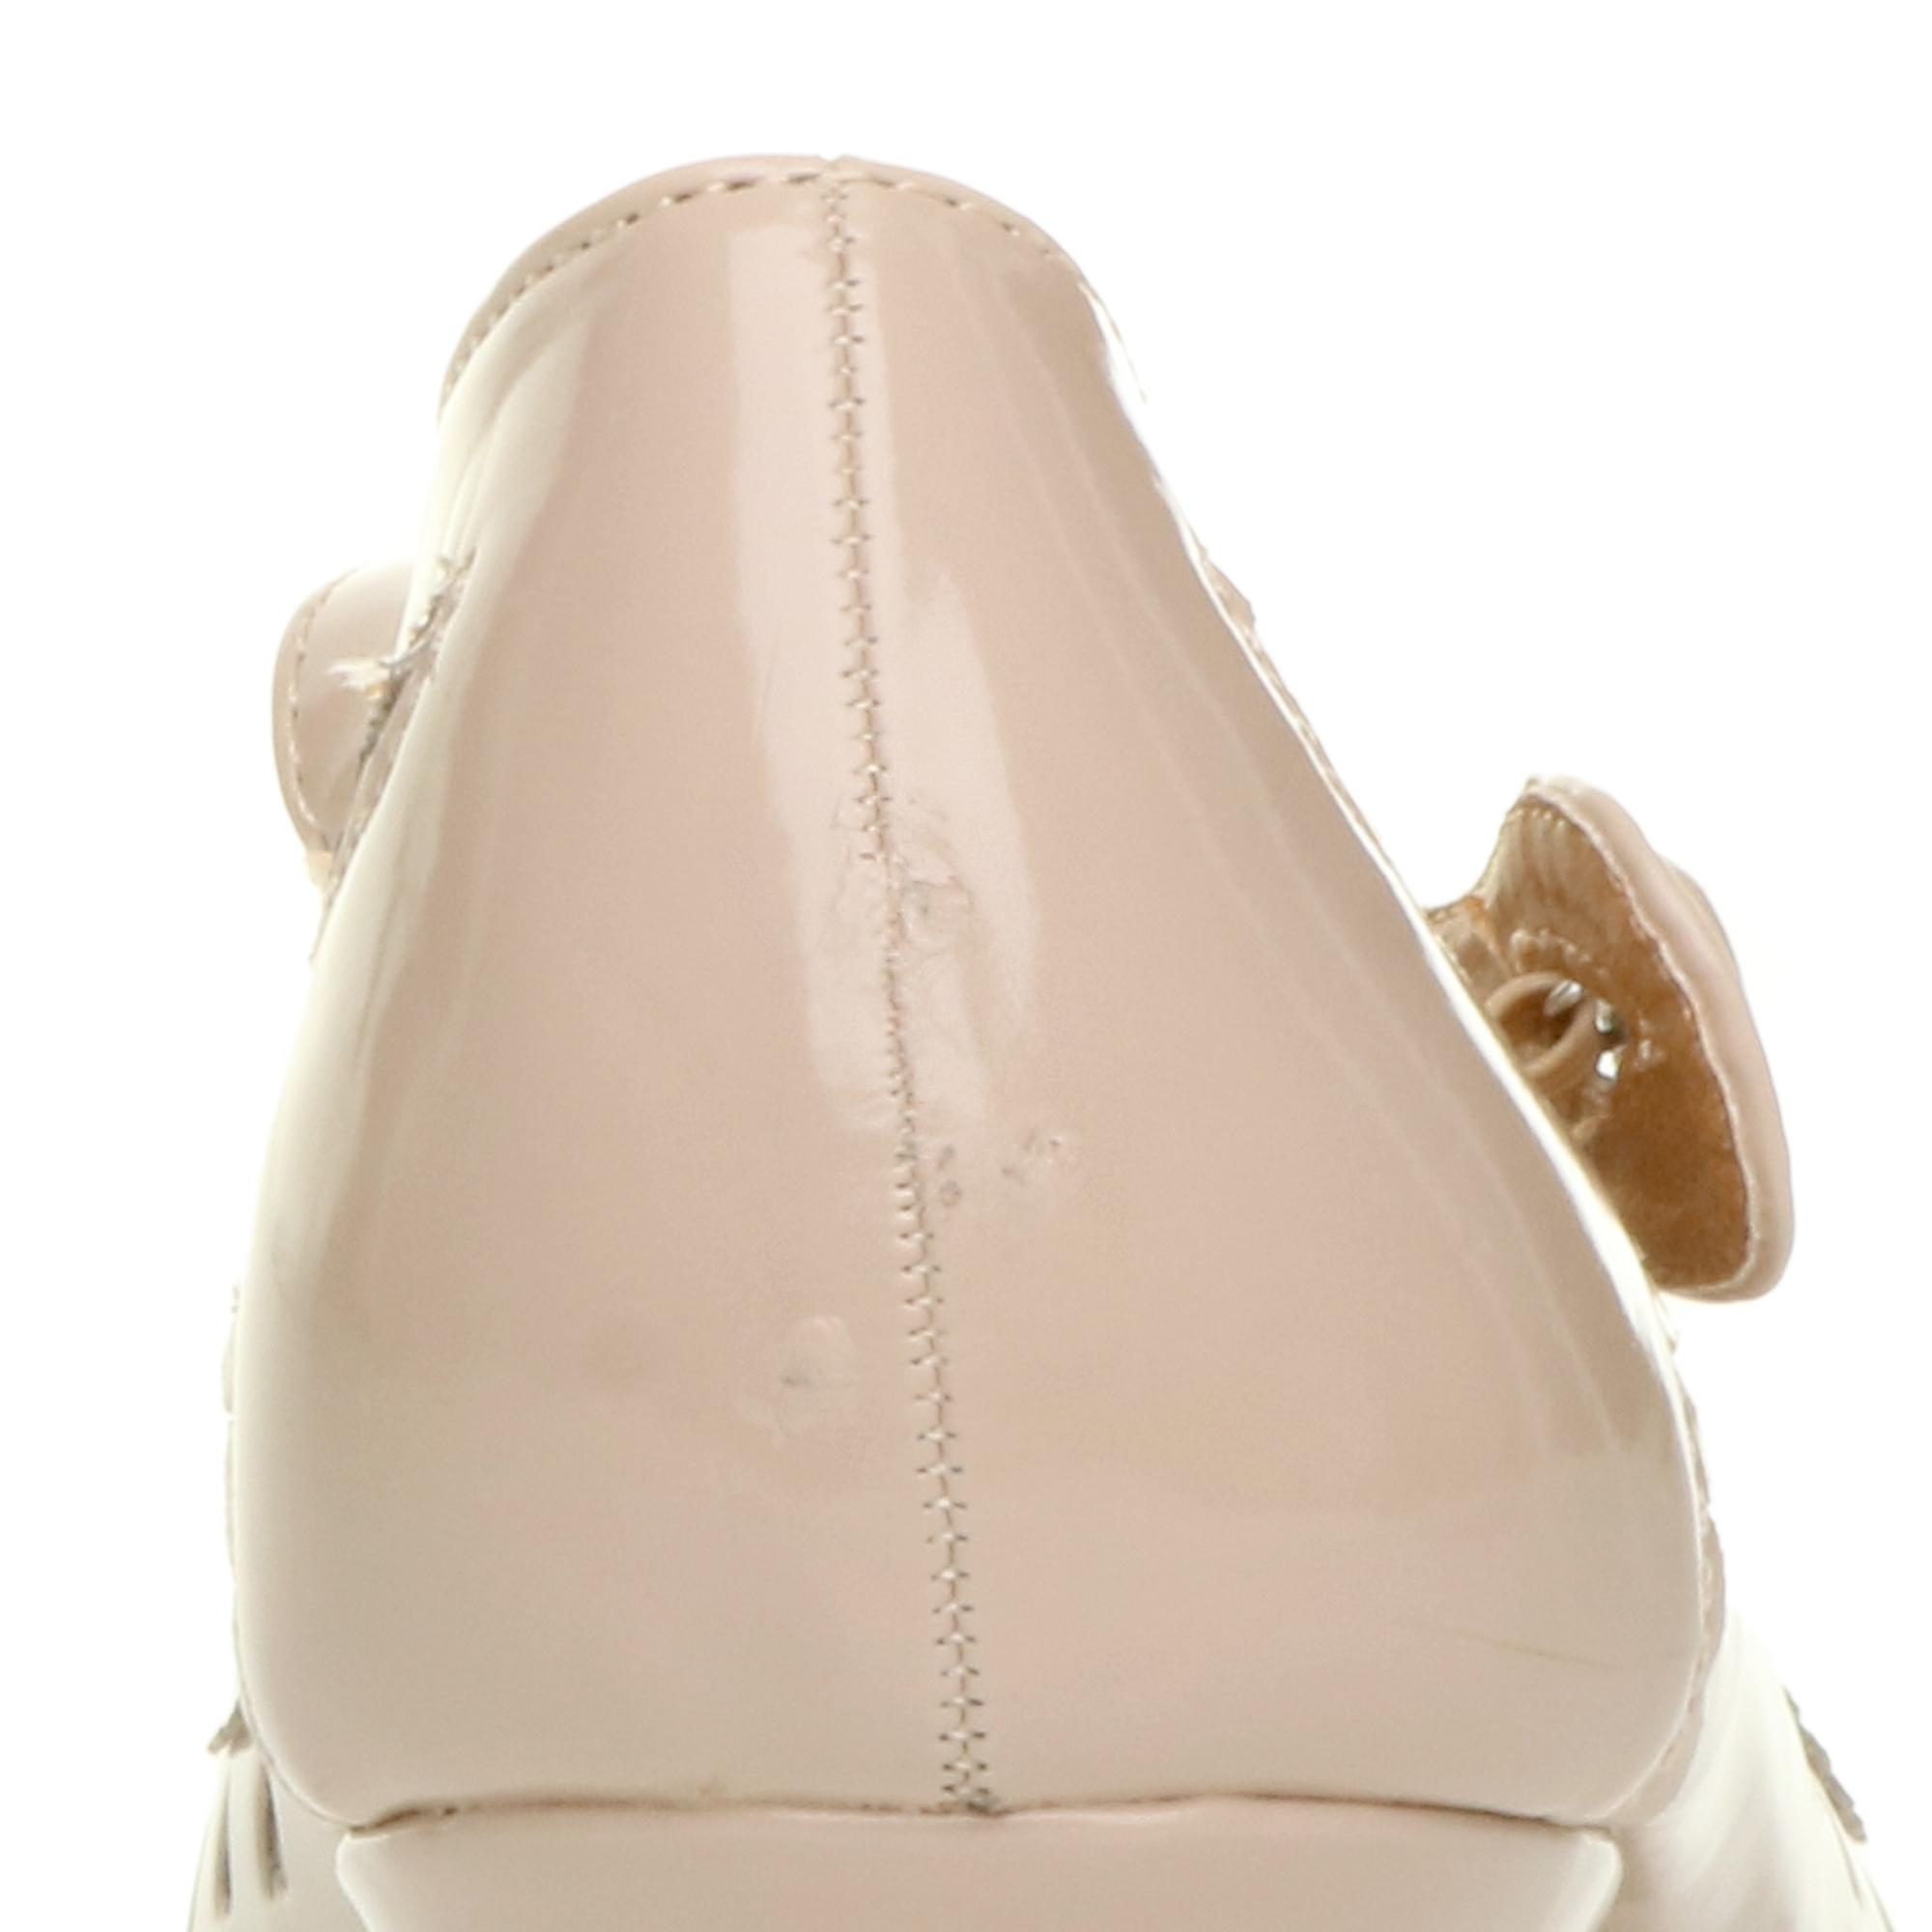 miniatura 19 - Da Donna con Tacco Basso Cinturino Alla Caviglia Mary Jane Stile Scarpe Eleganti Lavoro Pompe Dimensione